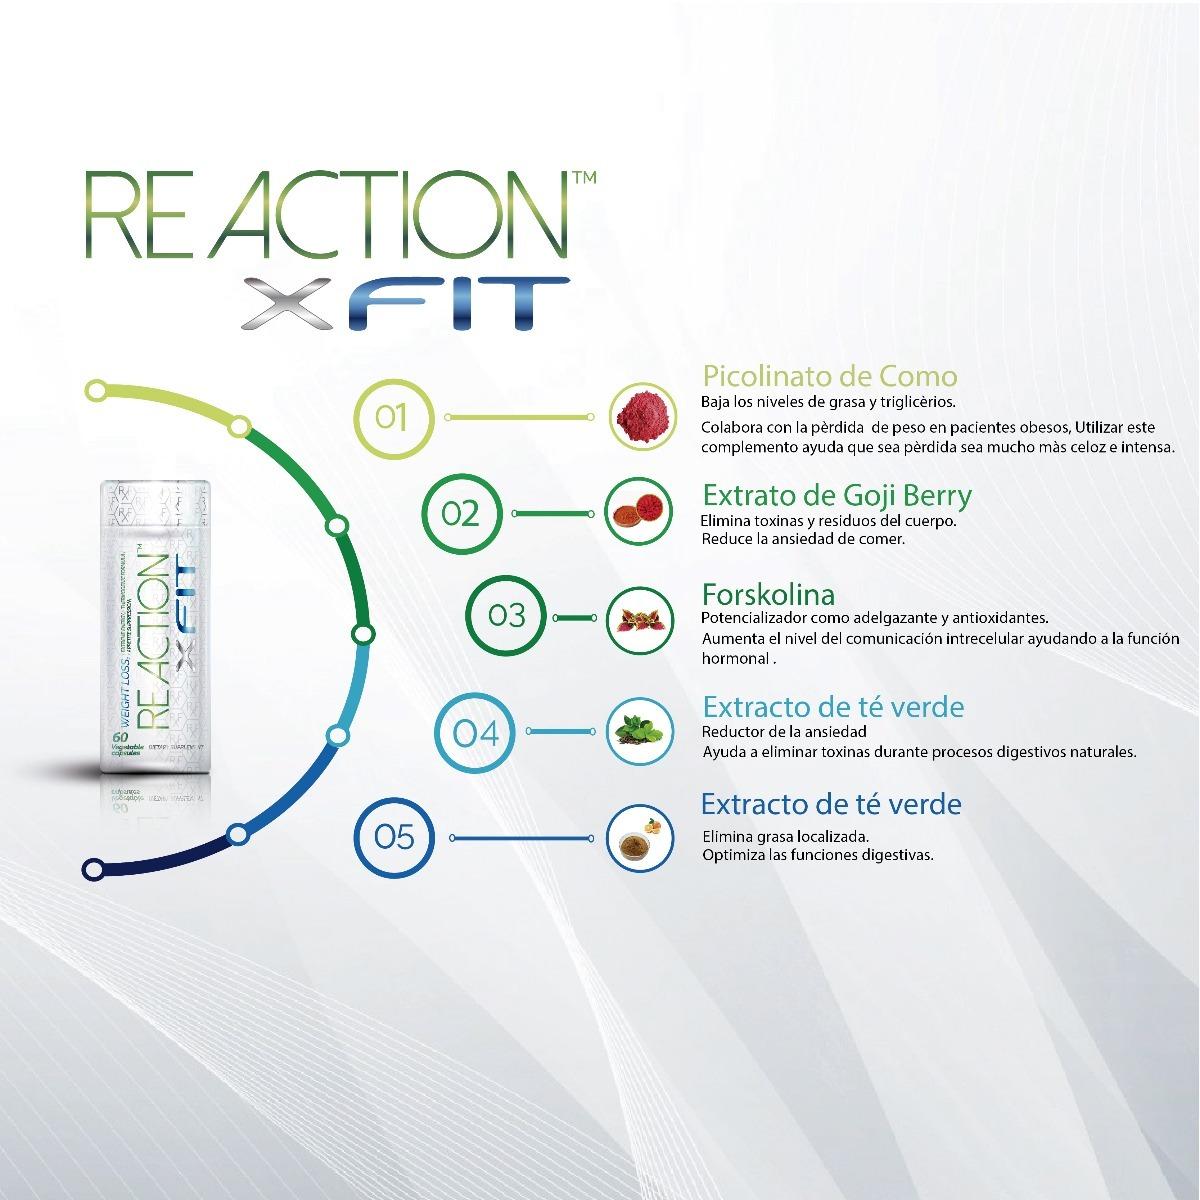 Reaction X Fit componentes